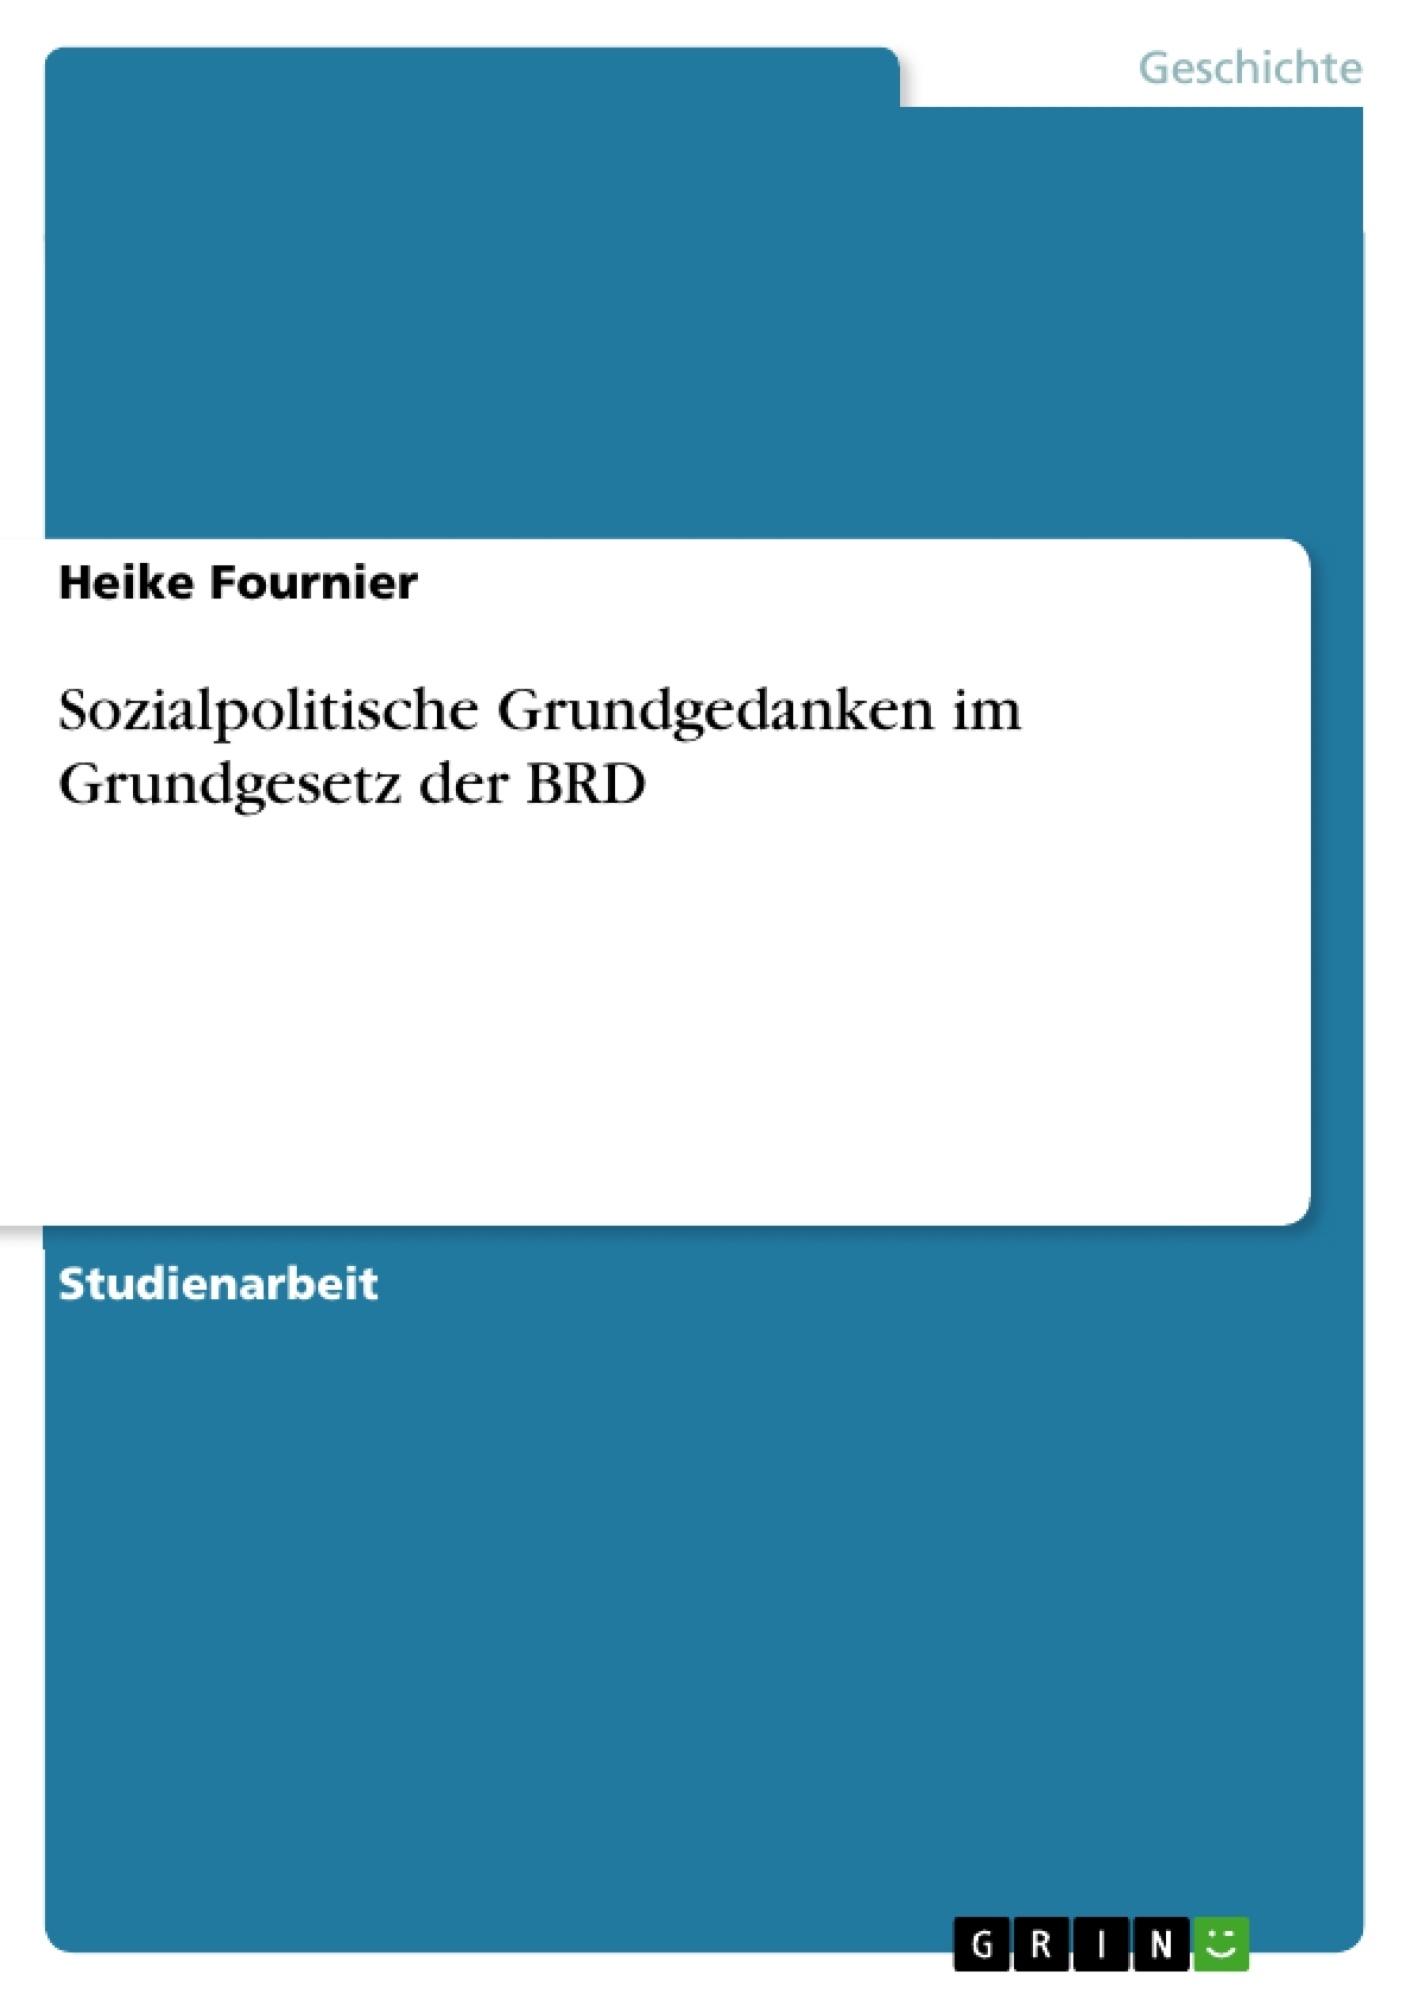 Titel: Sozialpolitische Grundgedanken im Grundgesetz der BRD